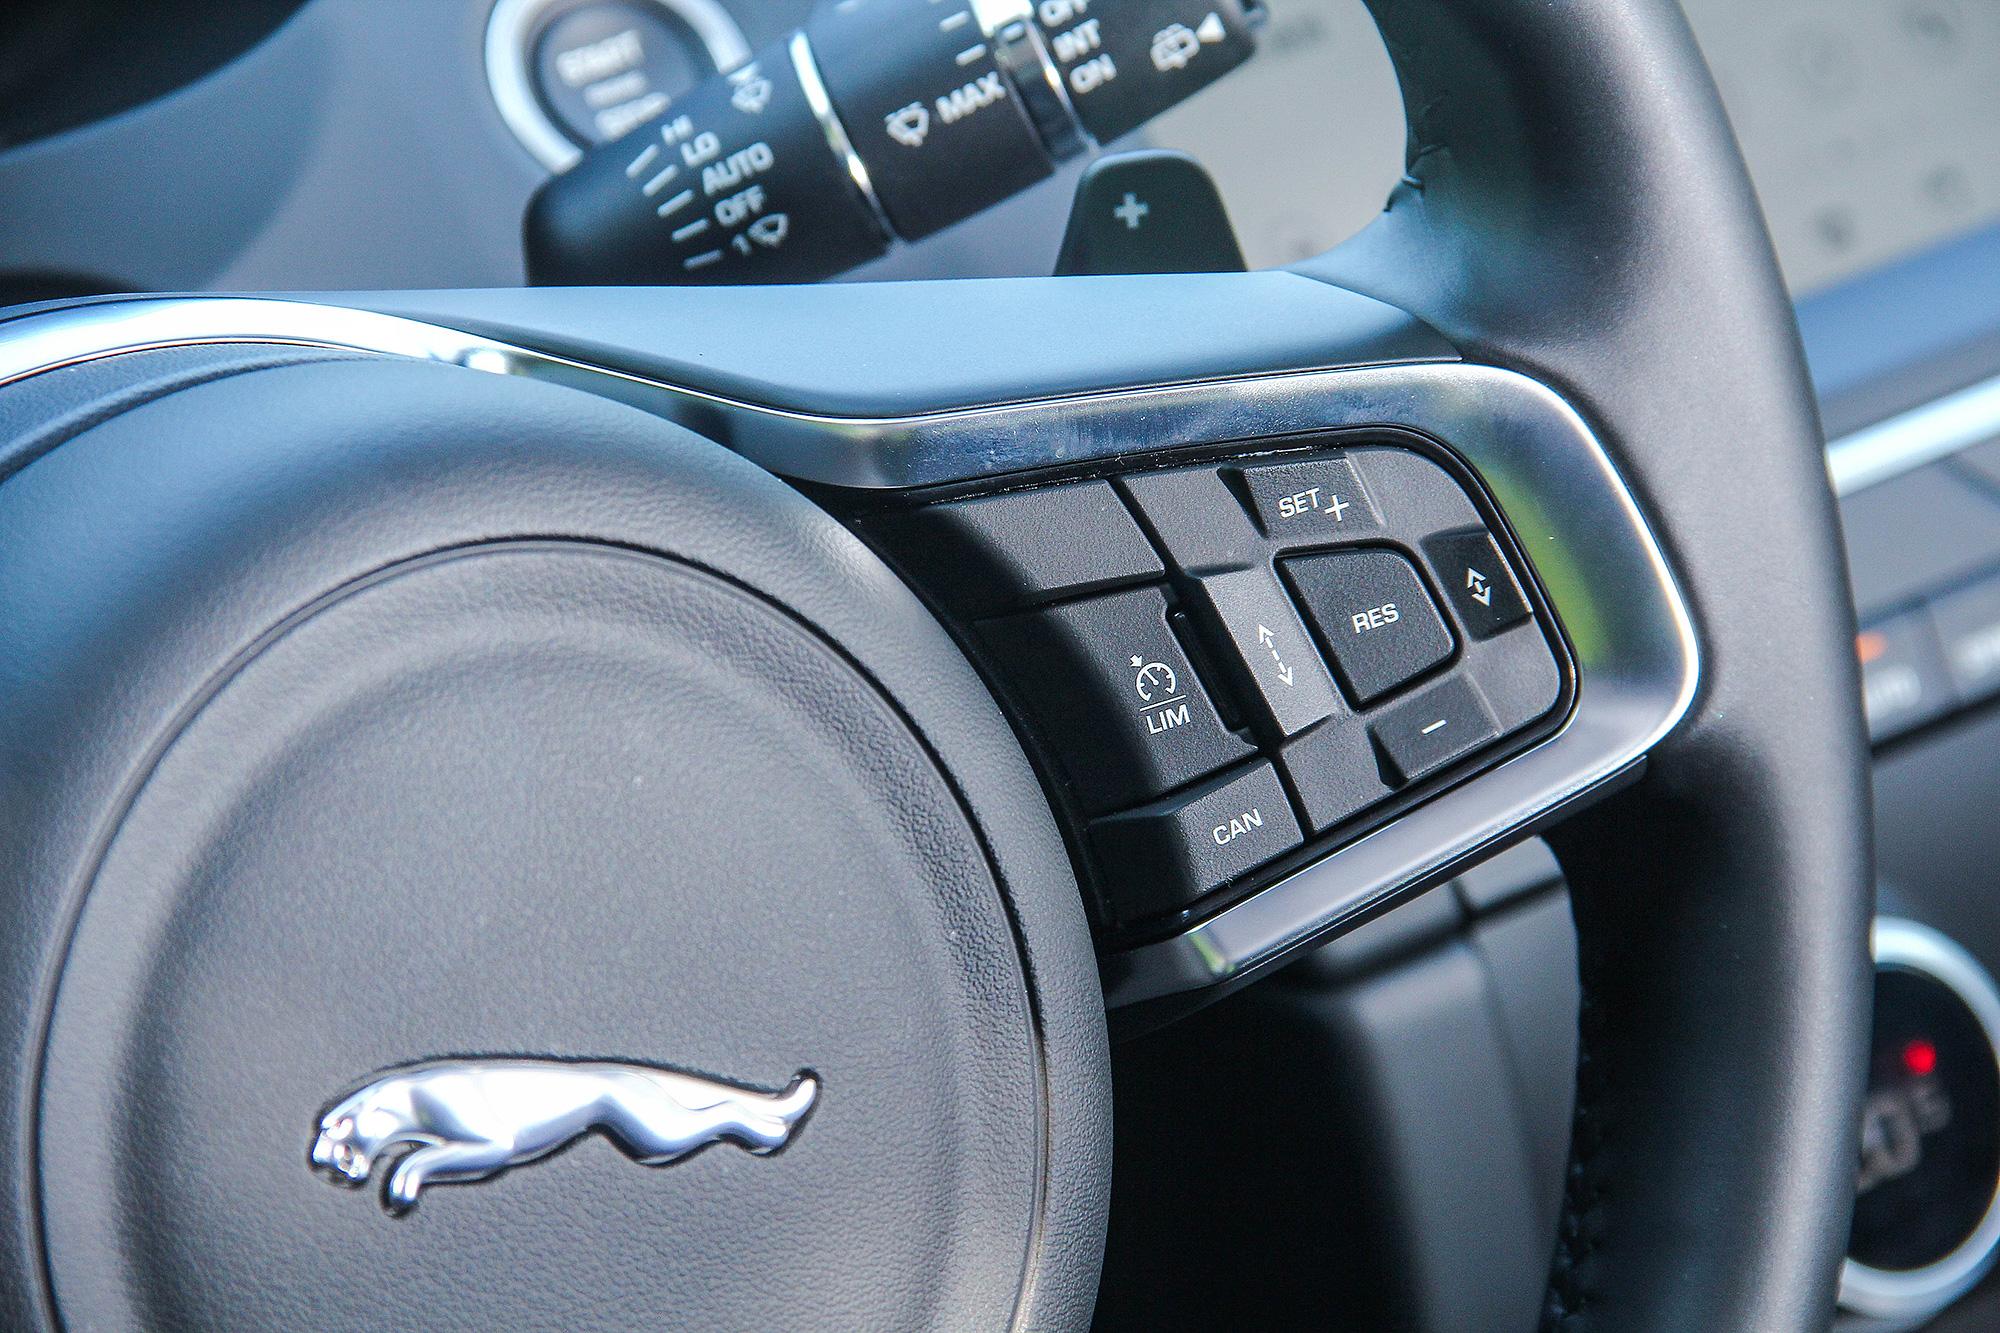 新年式 E-Pace 最主要的升級,就在 ADAS 先進駕駛輔助系統的強化。